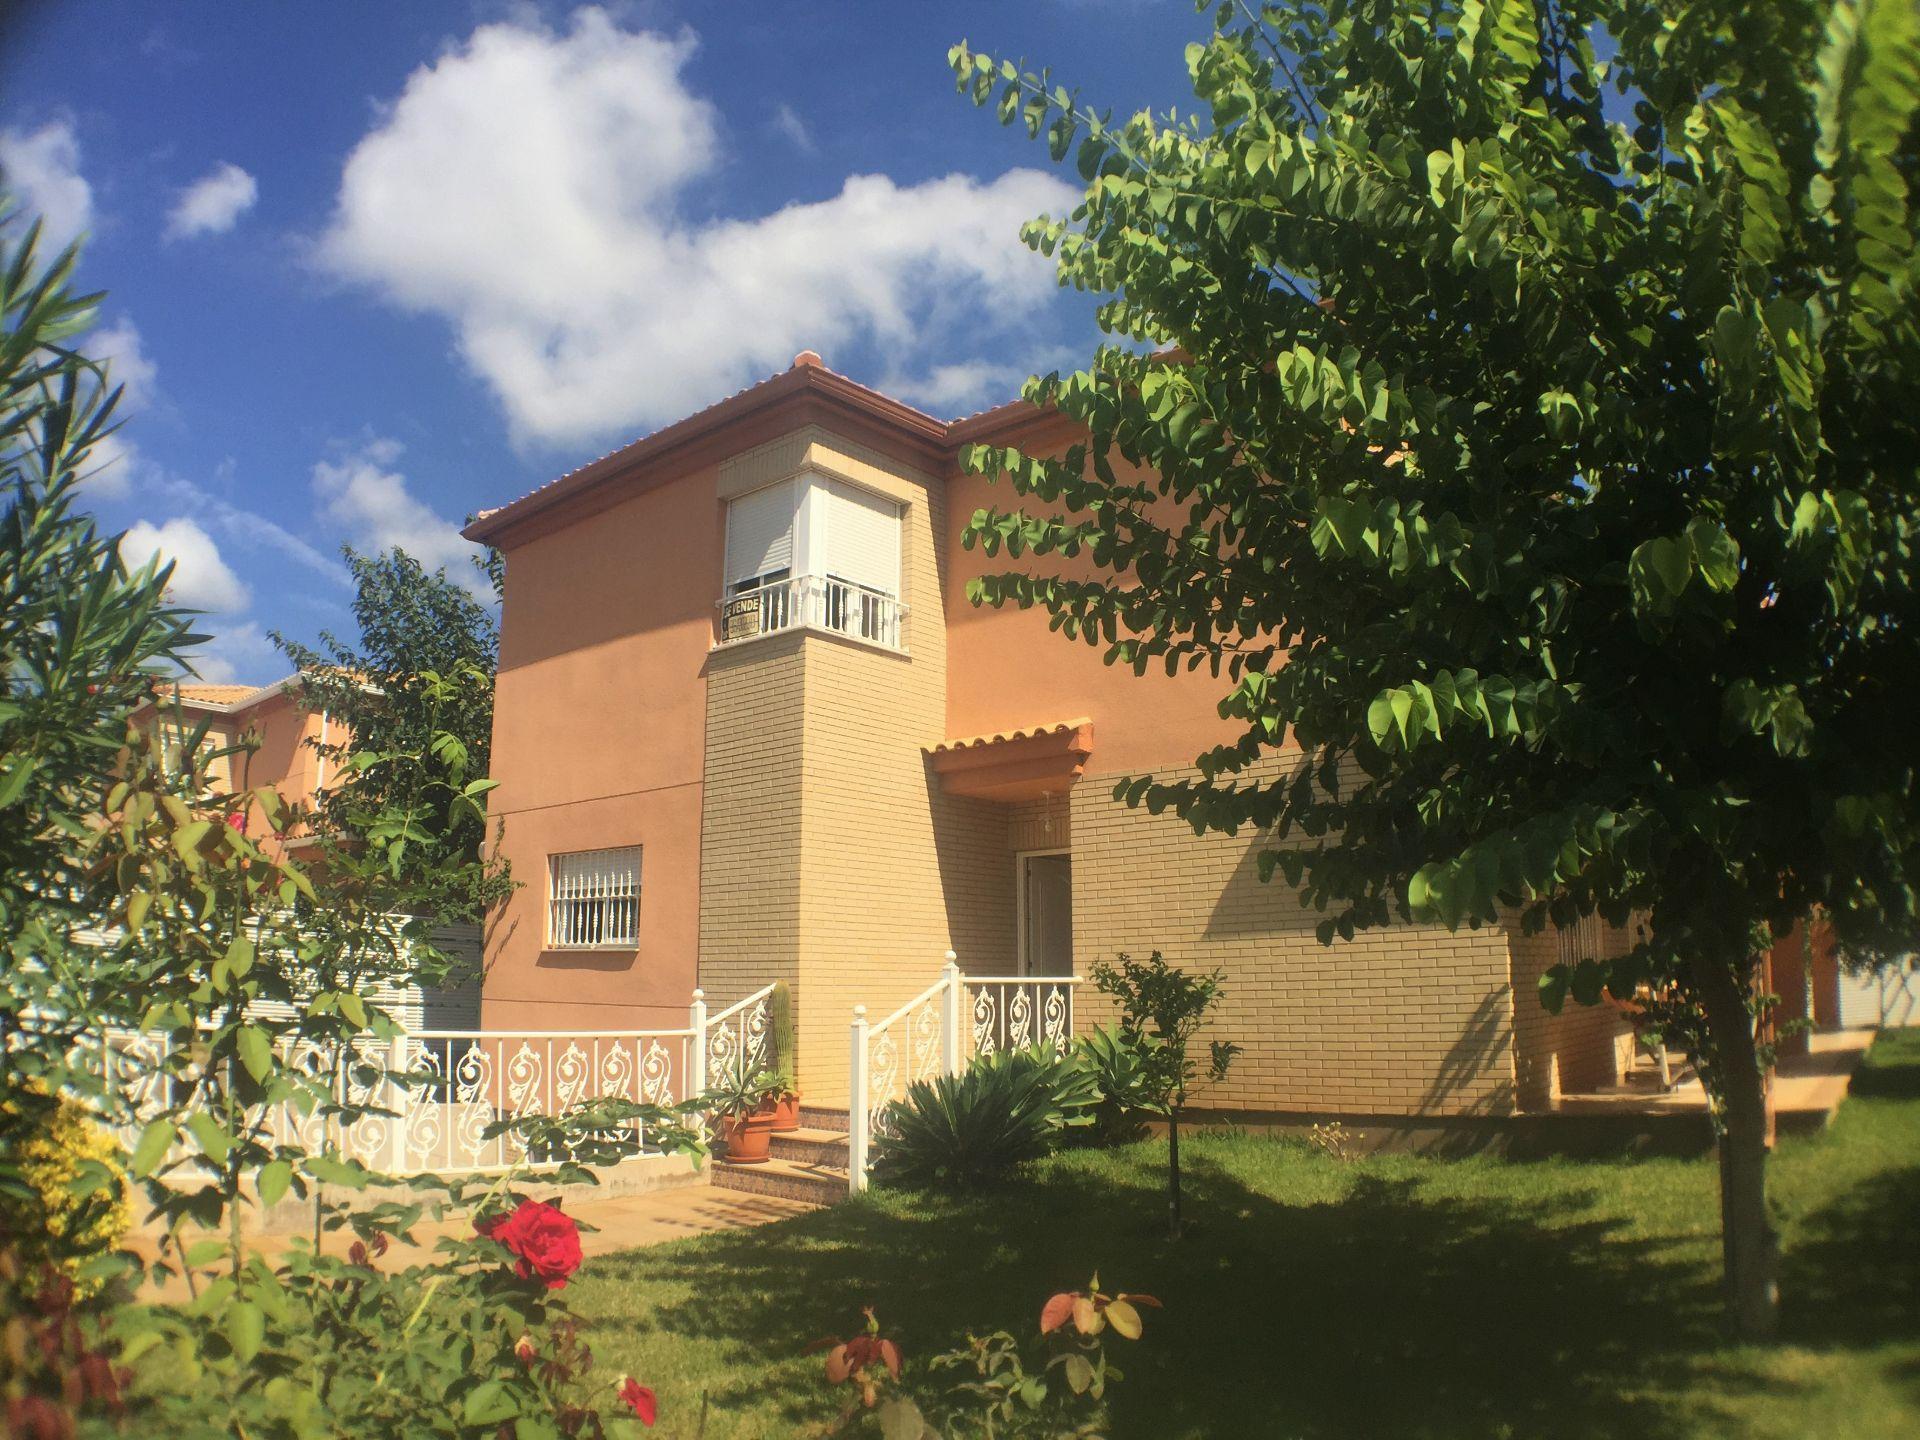 Casa / Chalet en Benicasim/Benicàssim, ZONA PUEBLO, venta